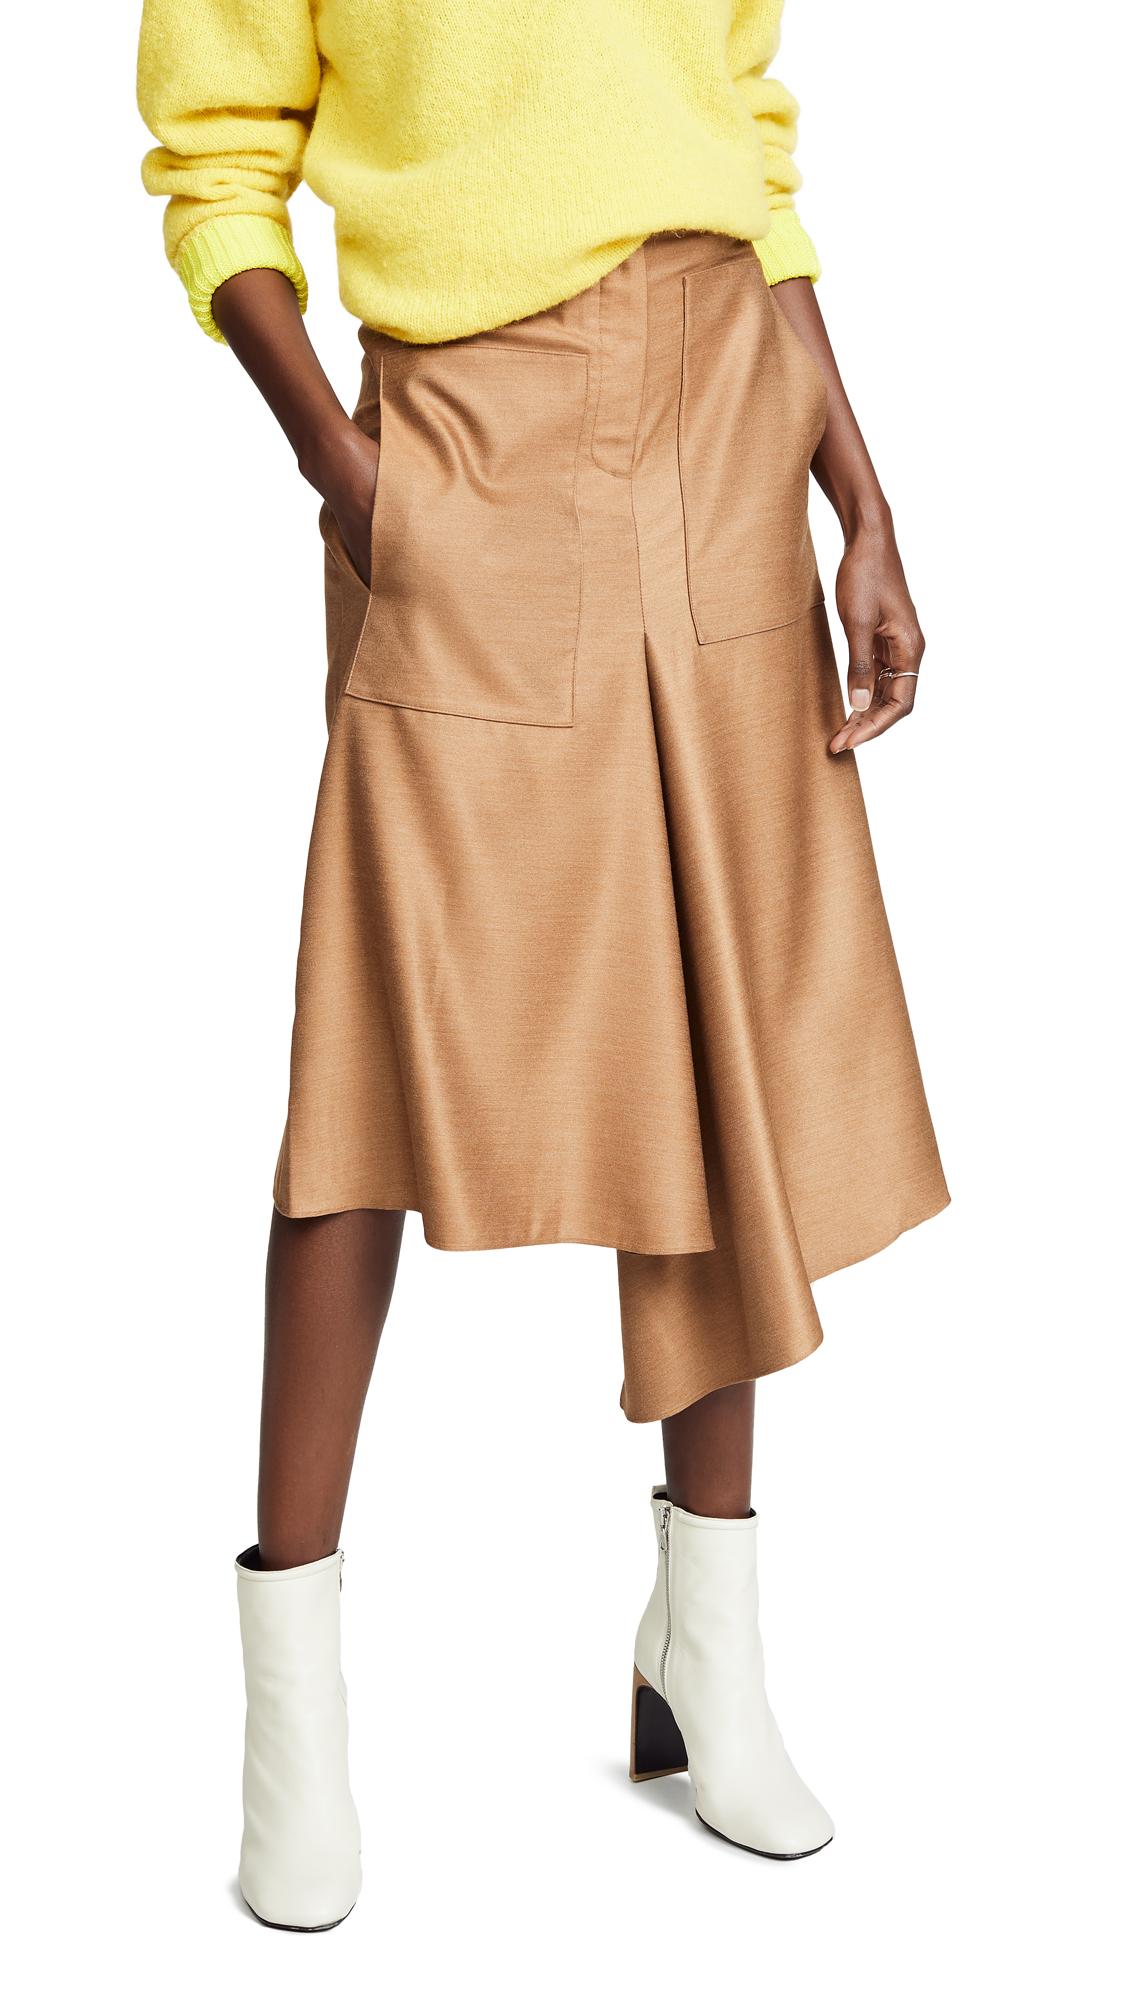 Tibi High Waisted Drape Skirt In Camel